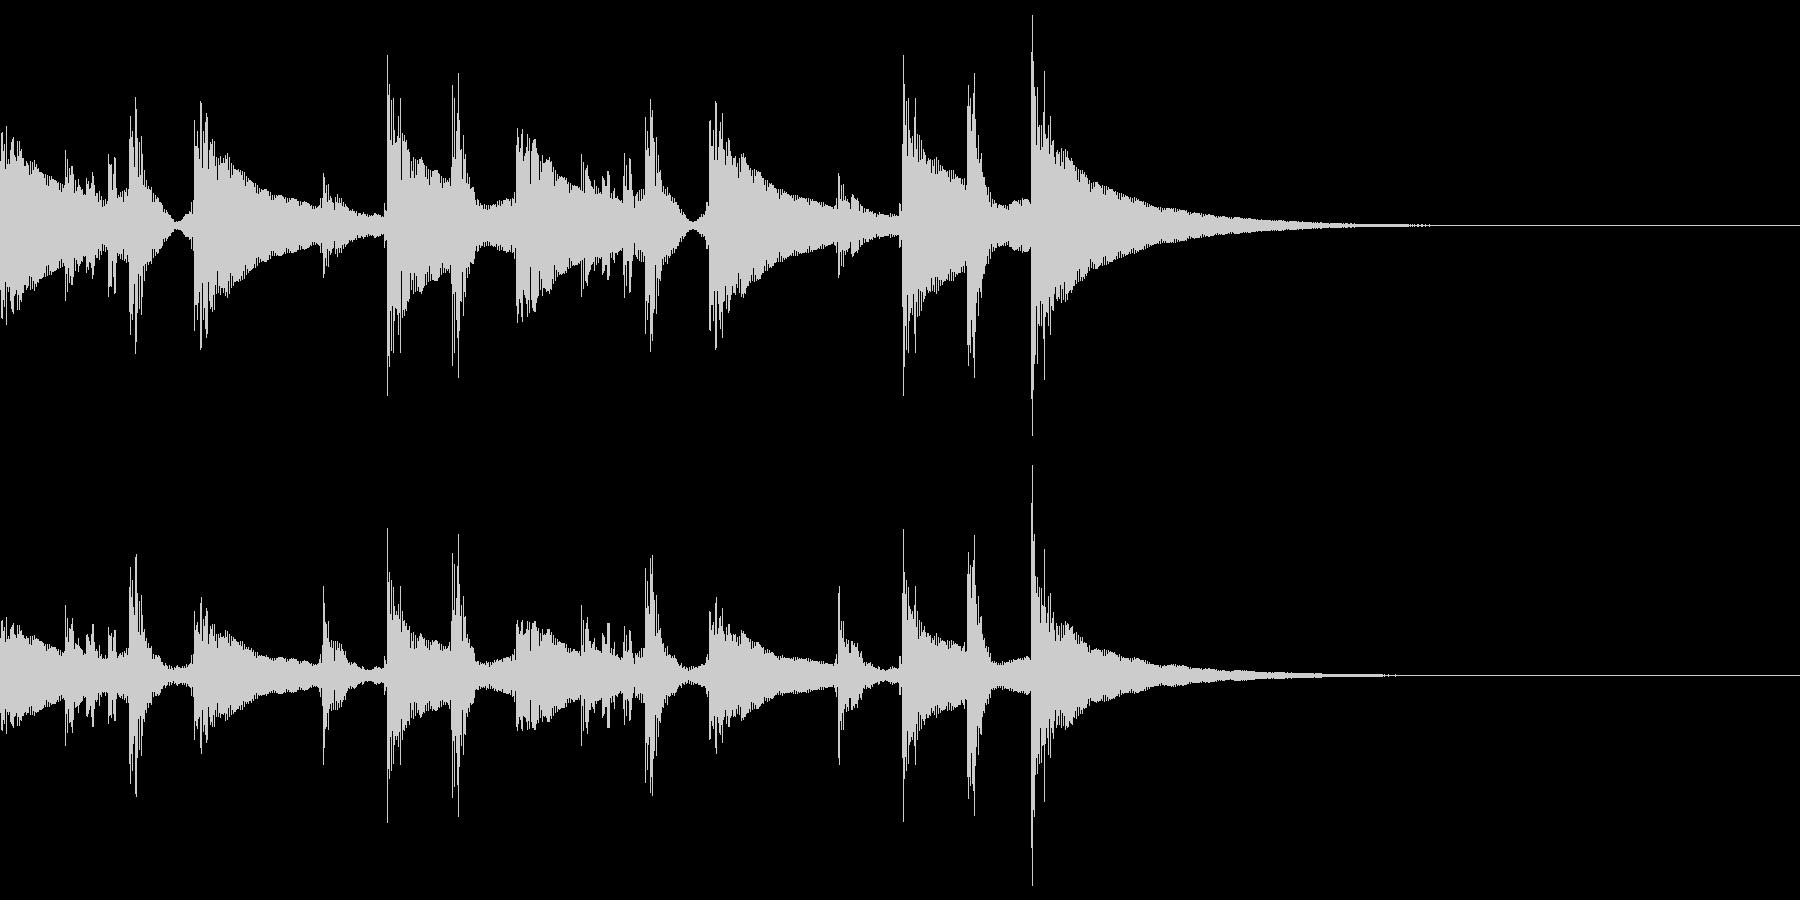 コンガ ボンゴ リフ4 キューバの未再生の波形